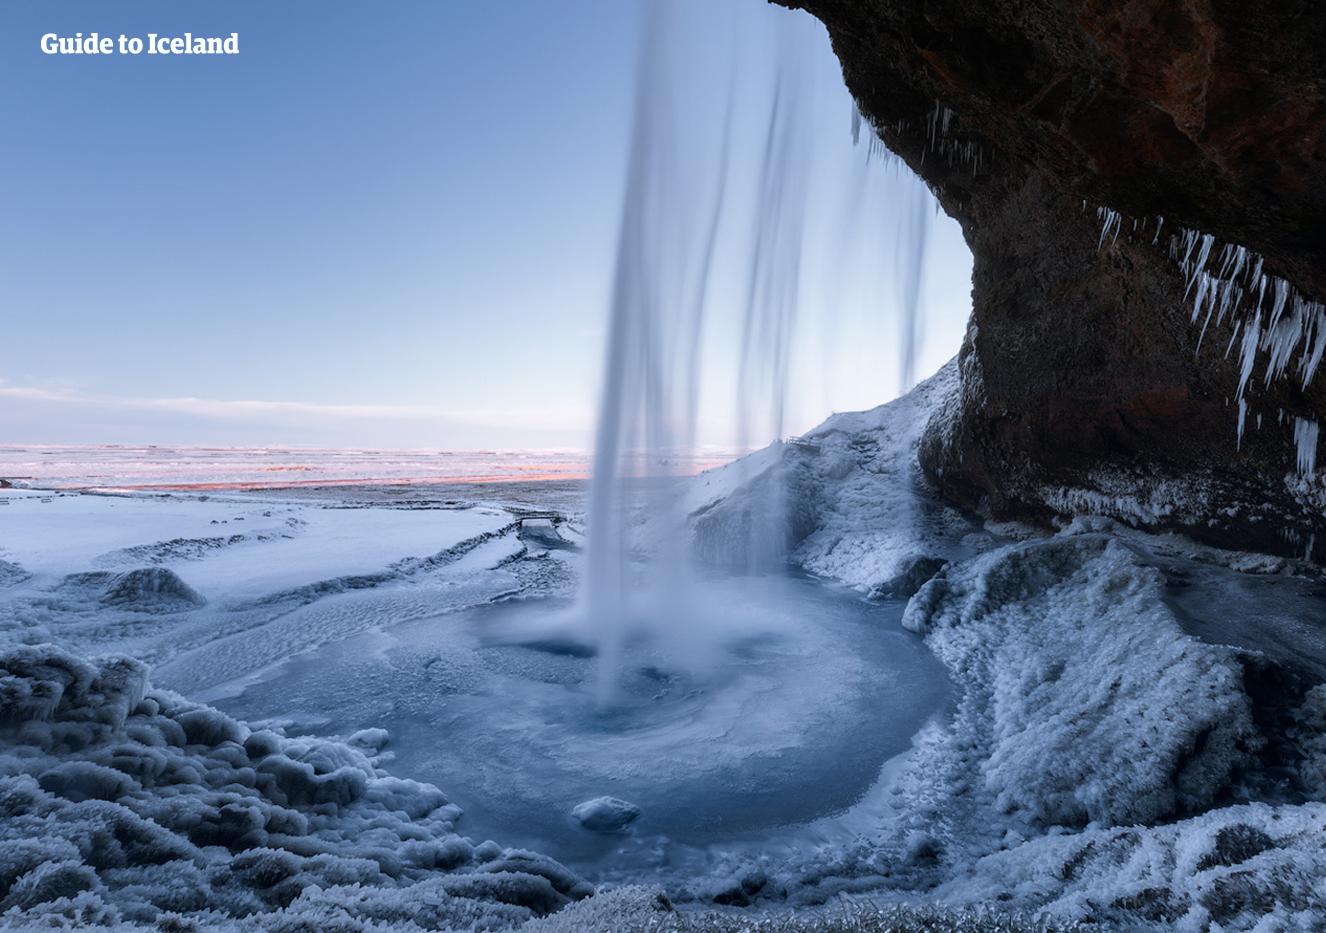 アイスランドの南海岸にあるブラックサンドビーチの不思議な美しさに圧倒される